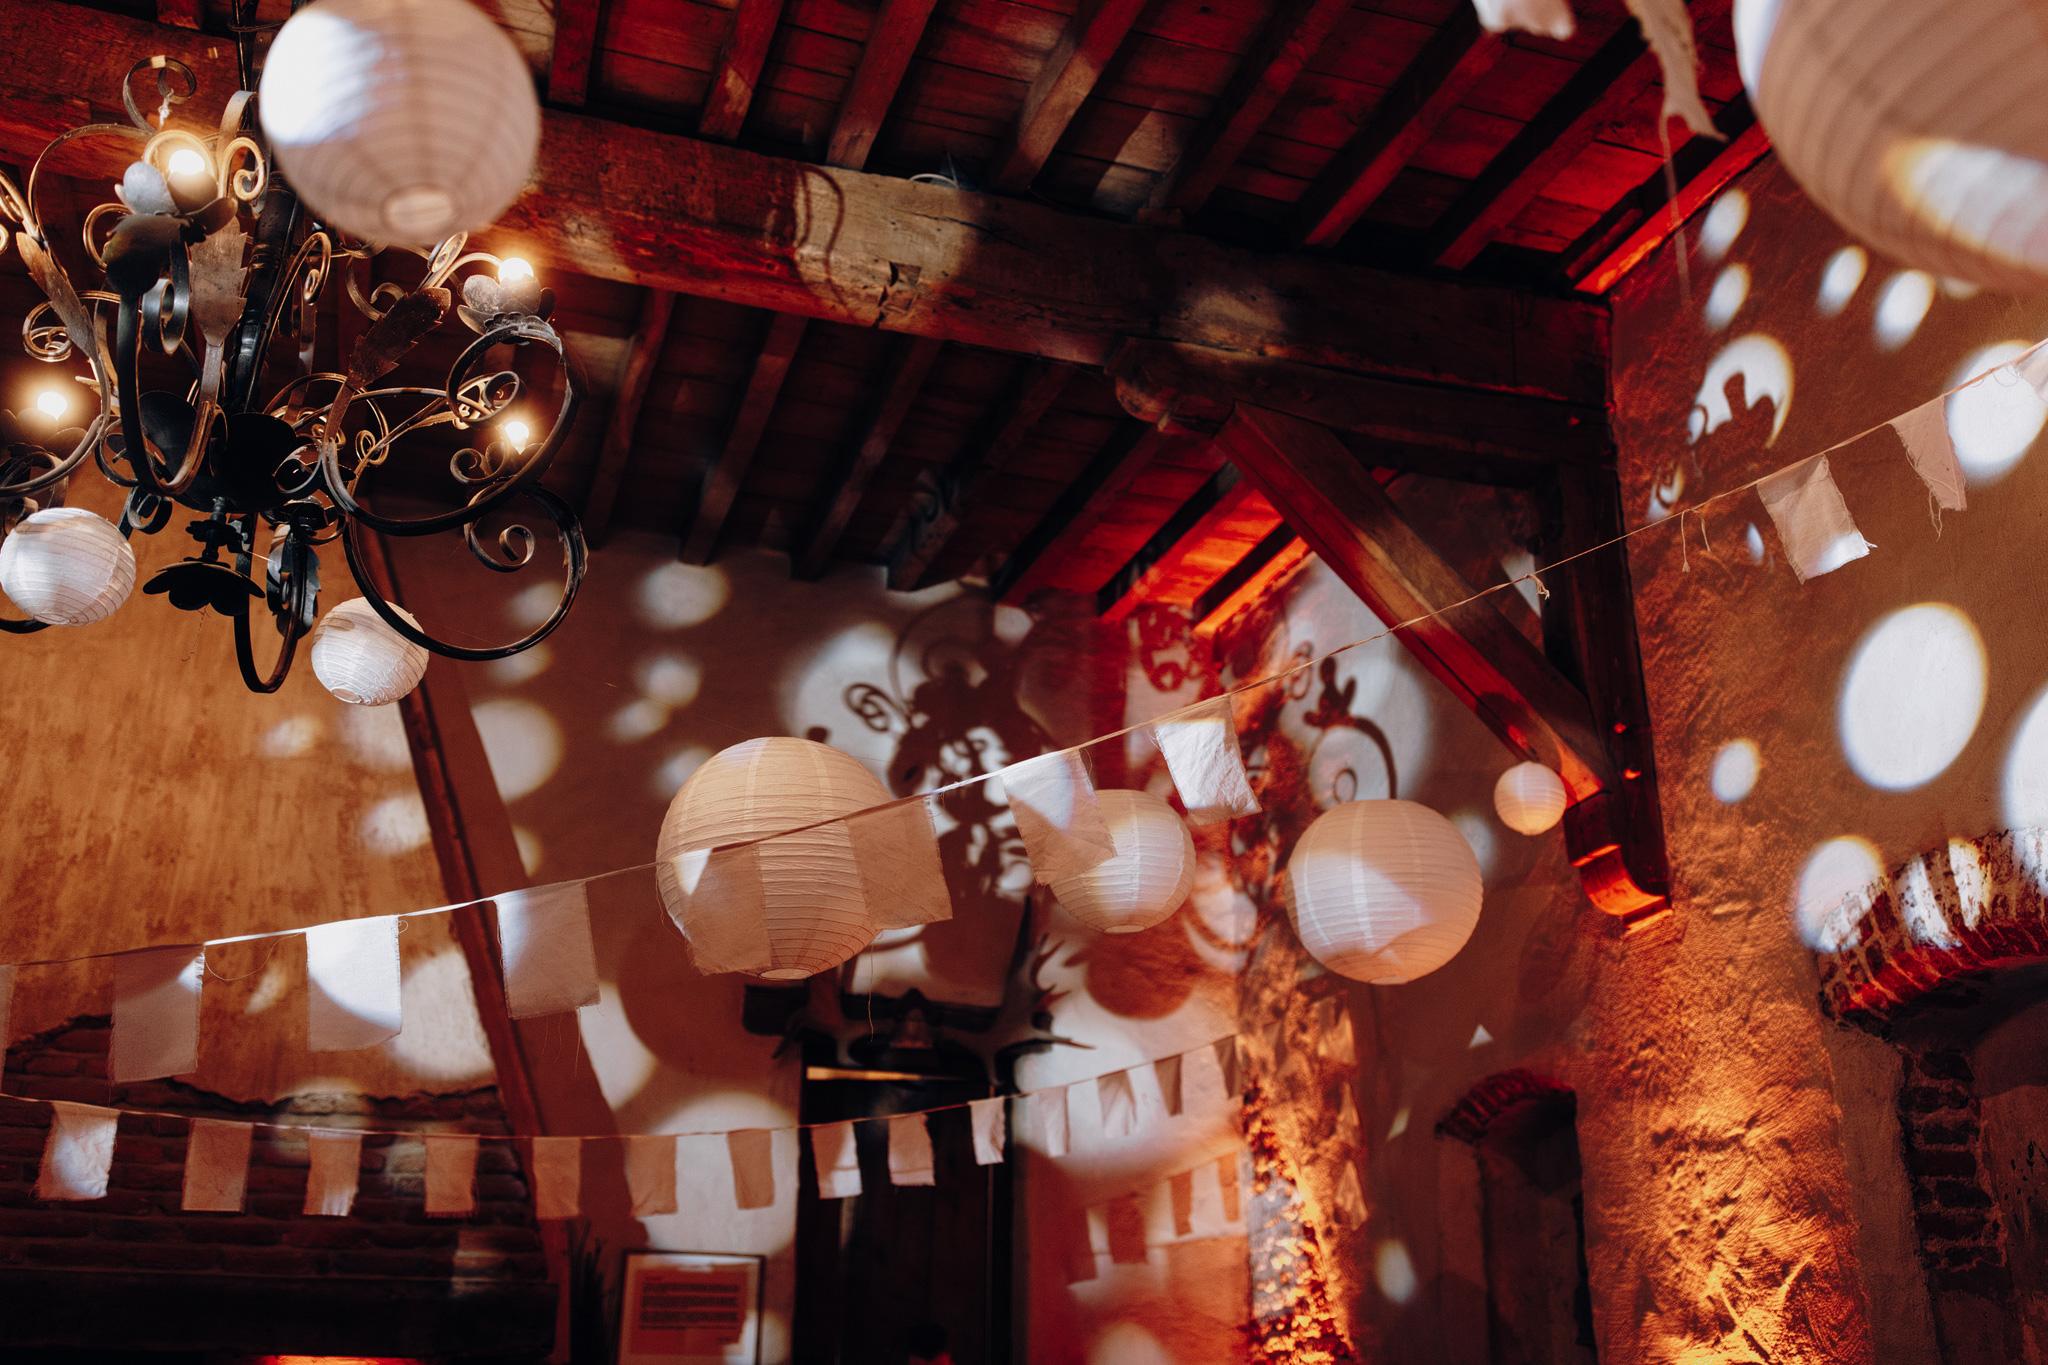 Barzaal met feestverlichting bij Kloster Graefenthal